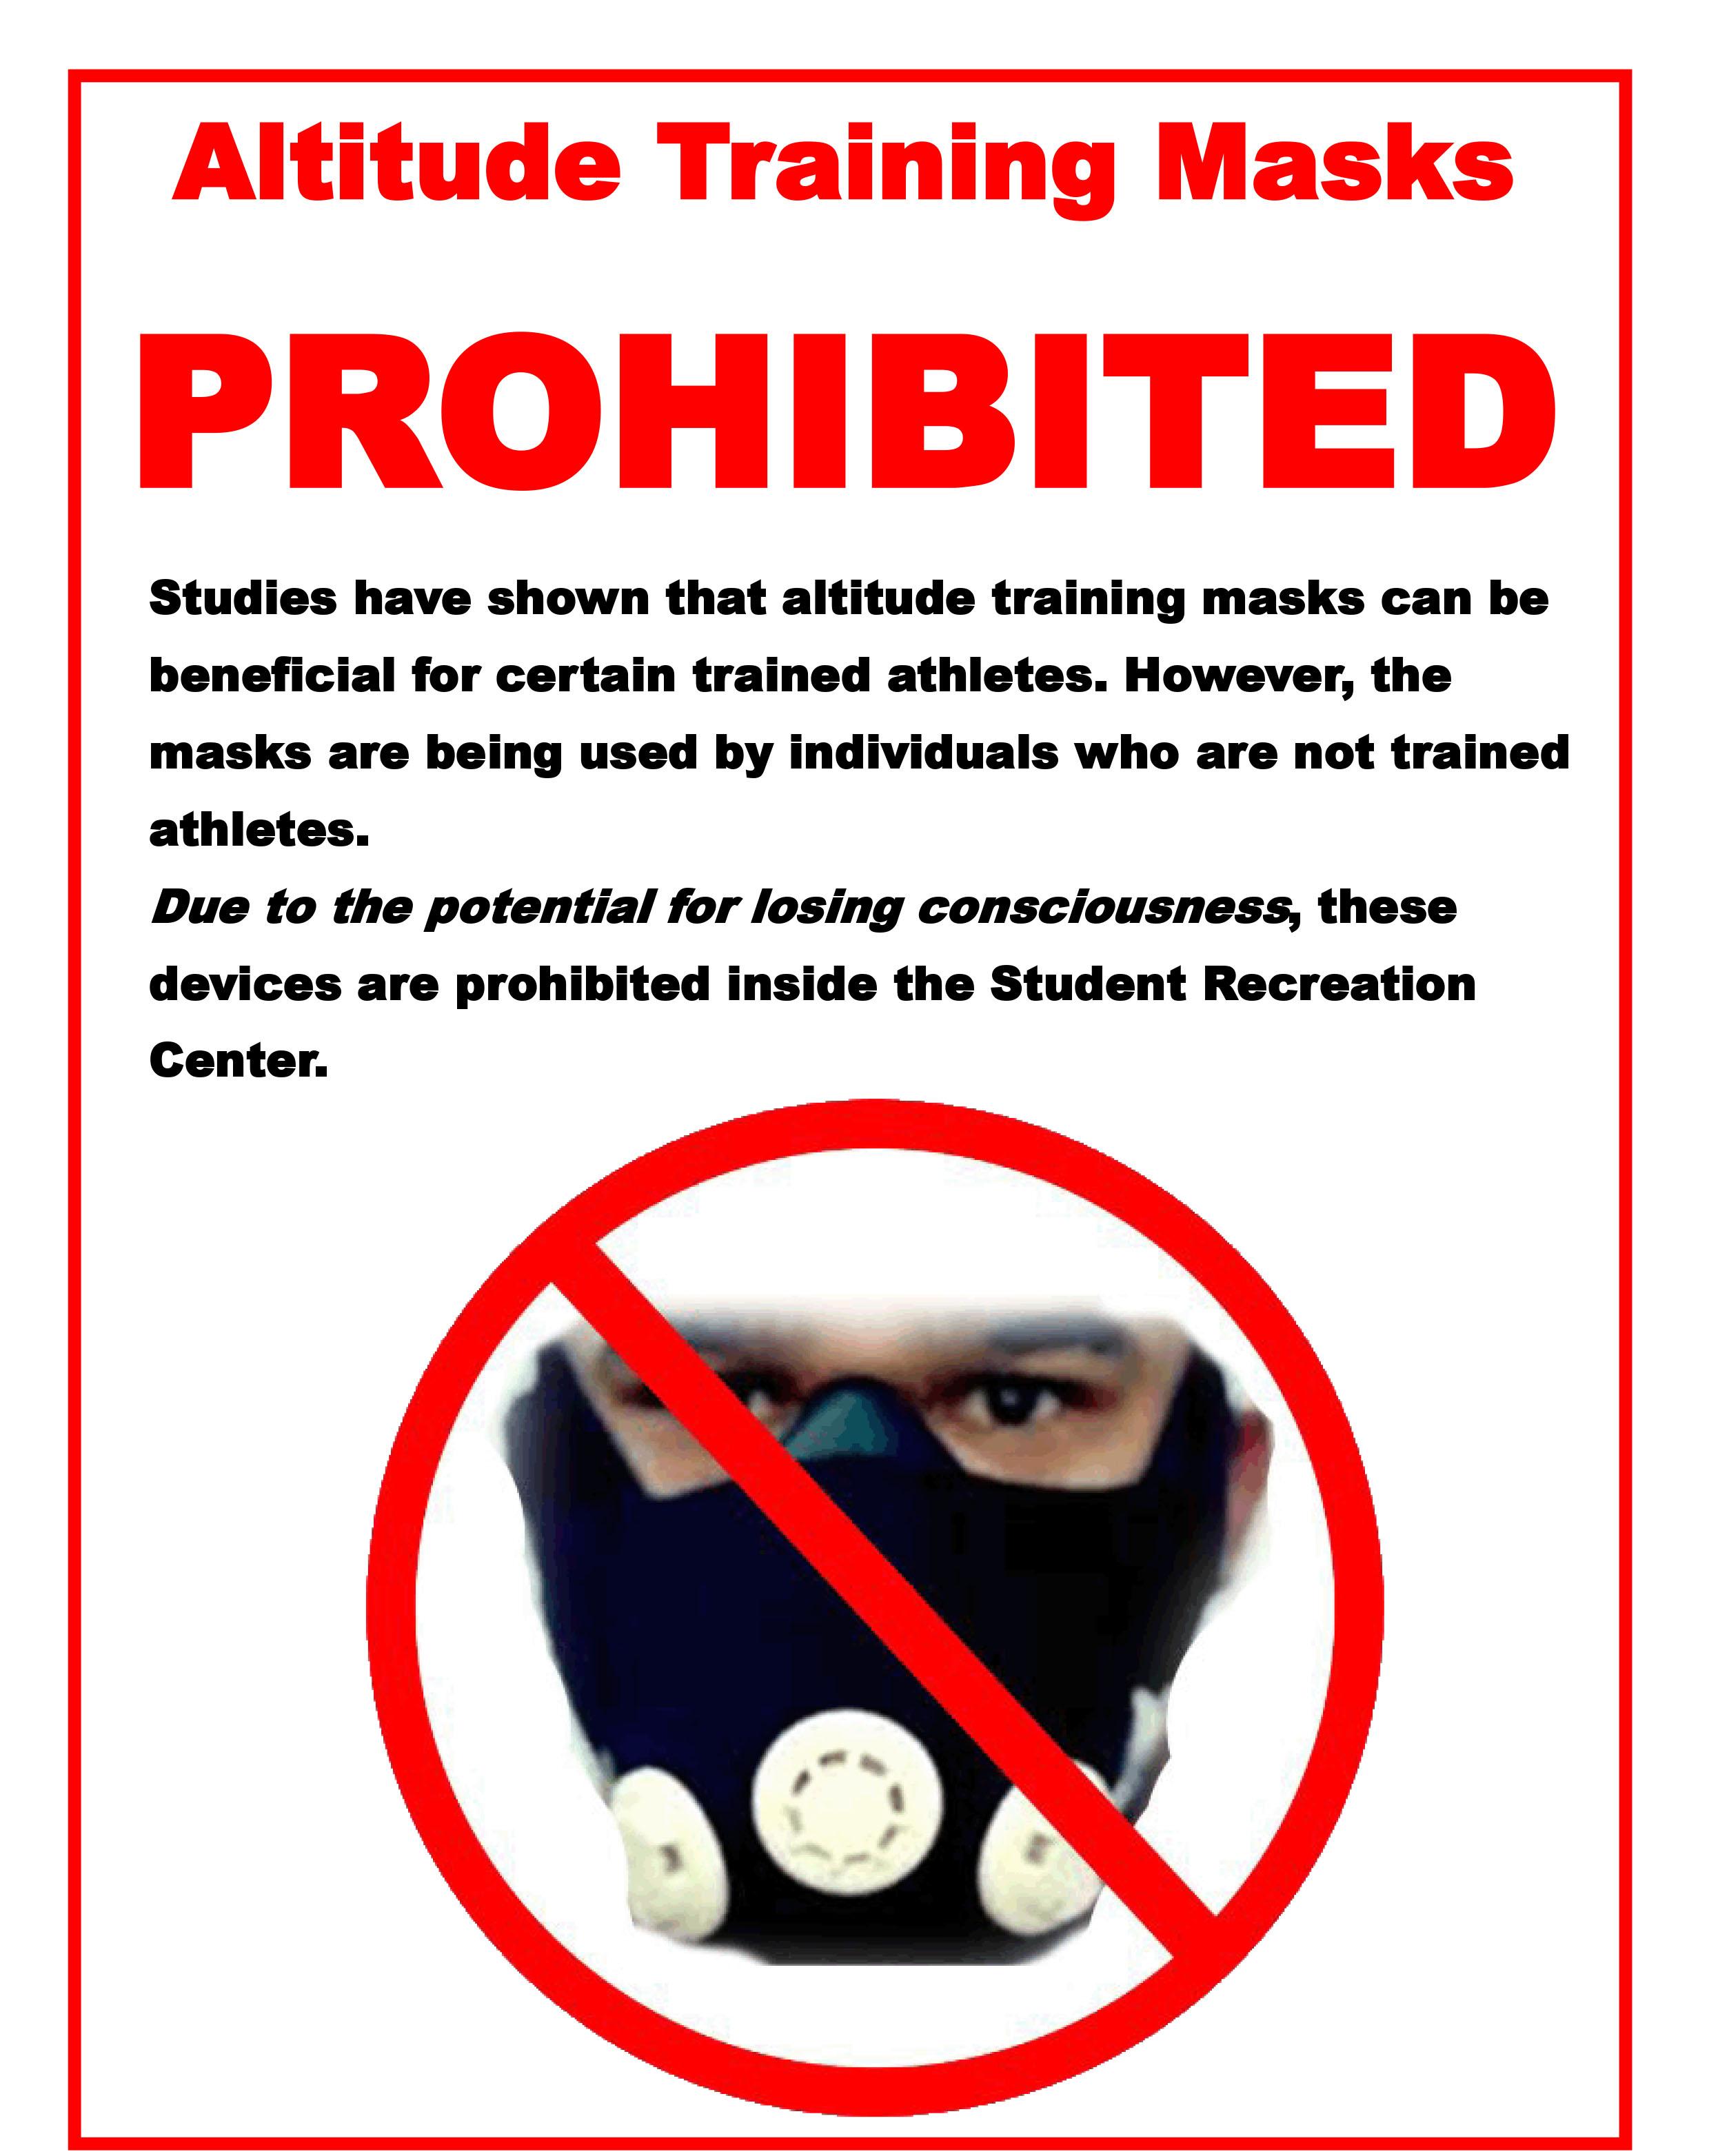 Altitude masks prohibited